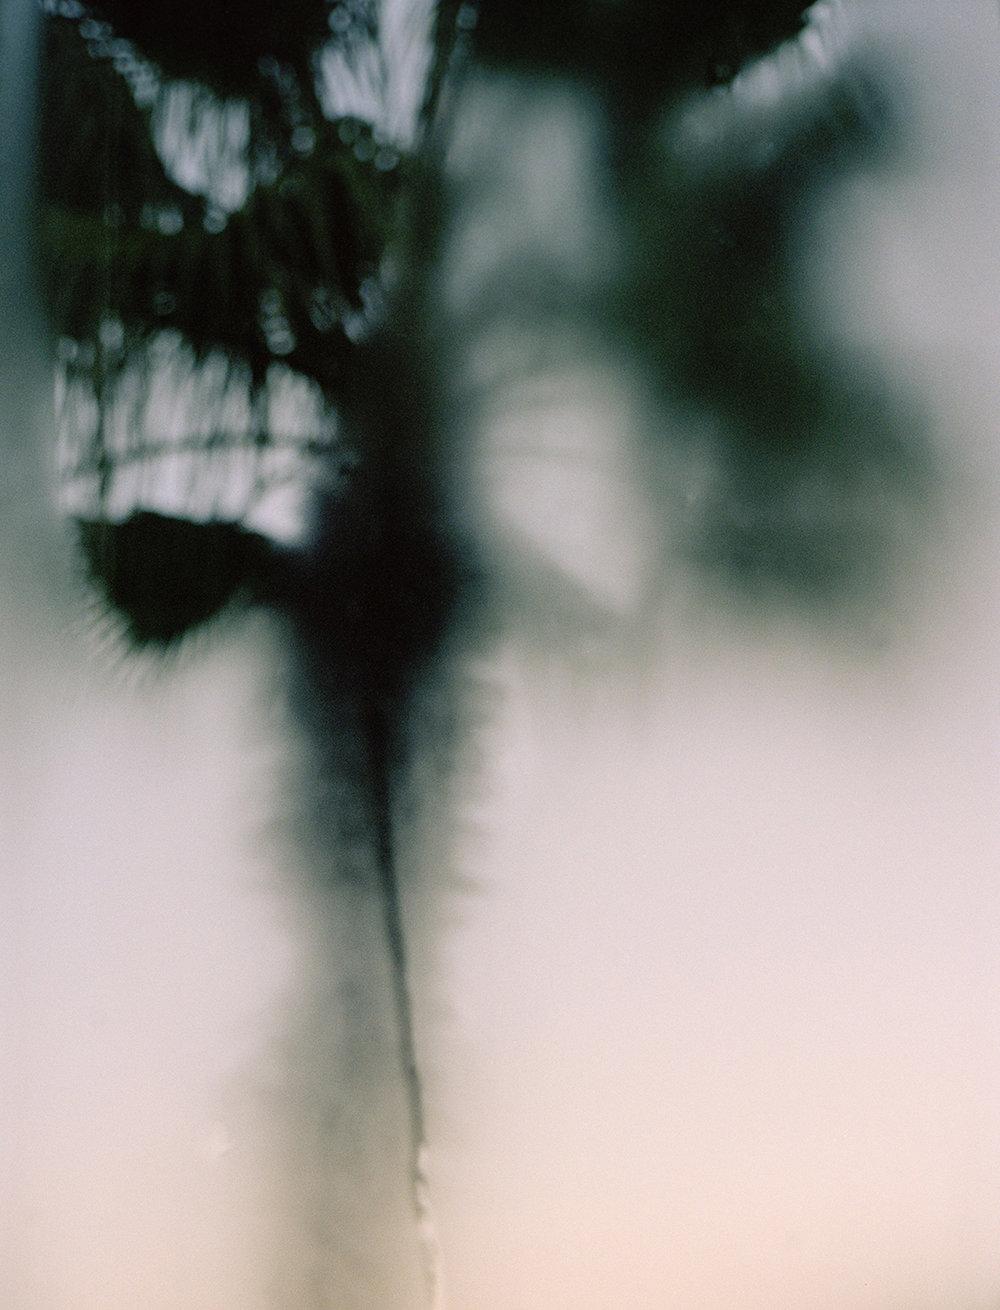 001_crop.jpg